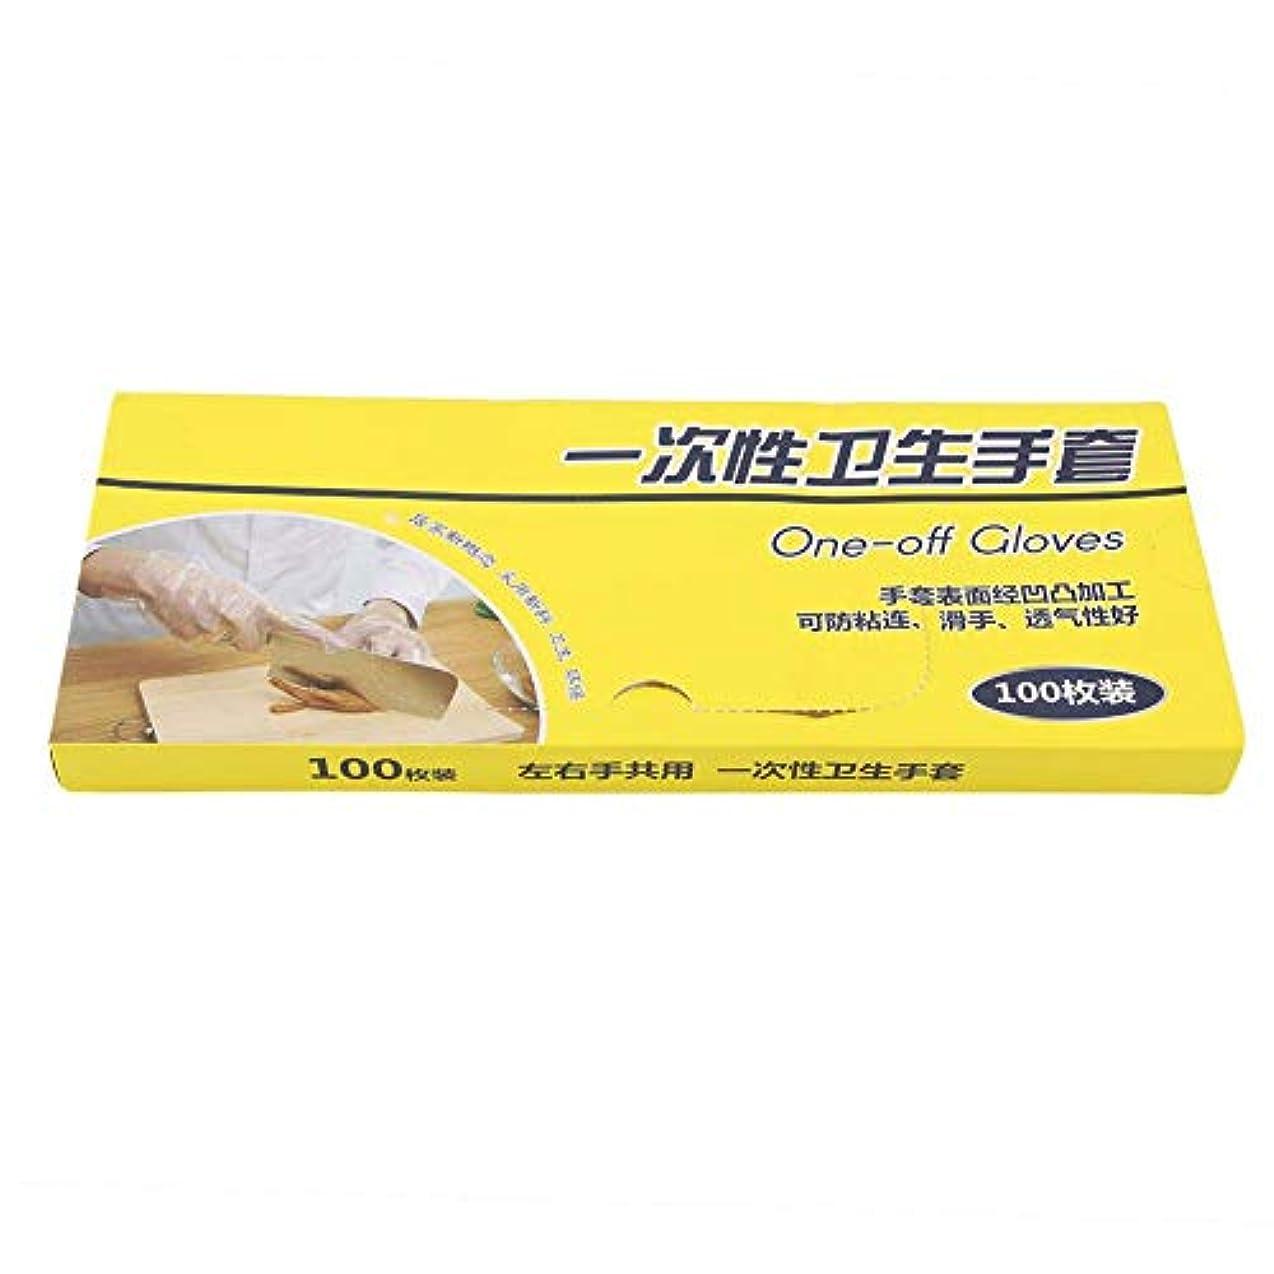 再開凍る合図使い捨て手袋、100個/箱透明透明滑り止めは、バーベキュー看護染め髪を調理するための使い捨て手袋を厚くします